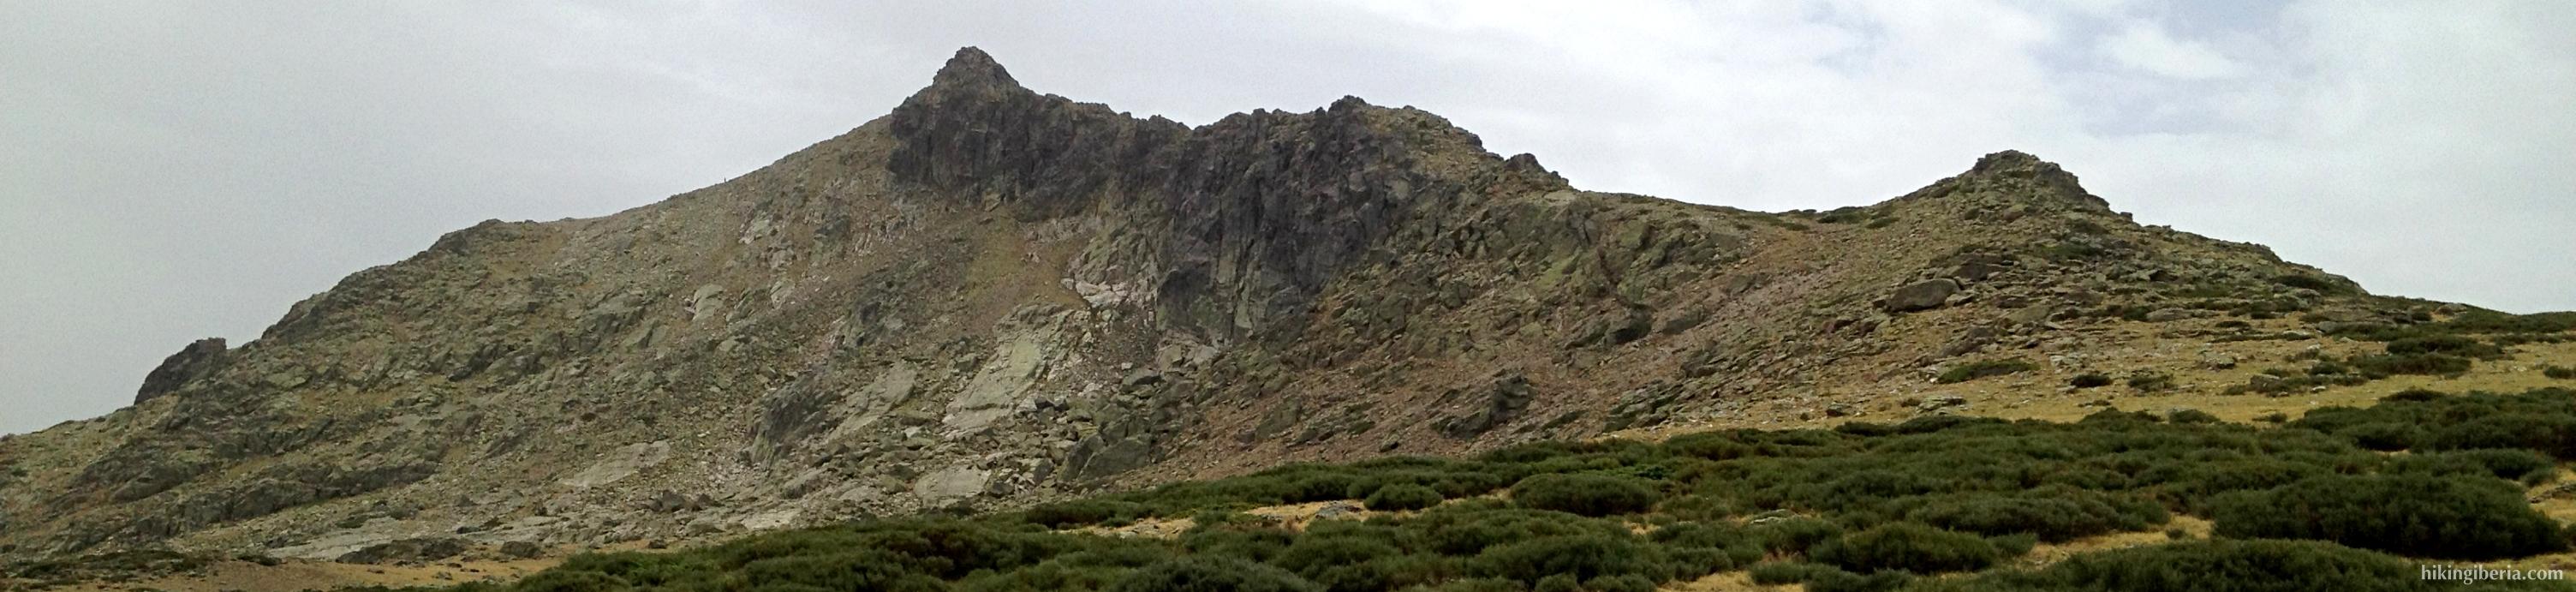 Peñalara via Cinco Lagunas